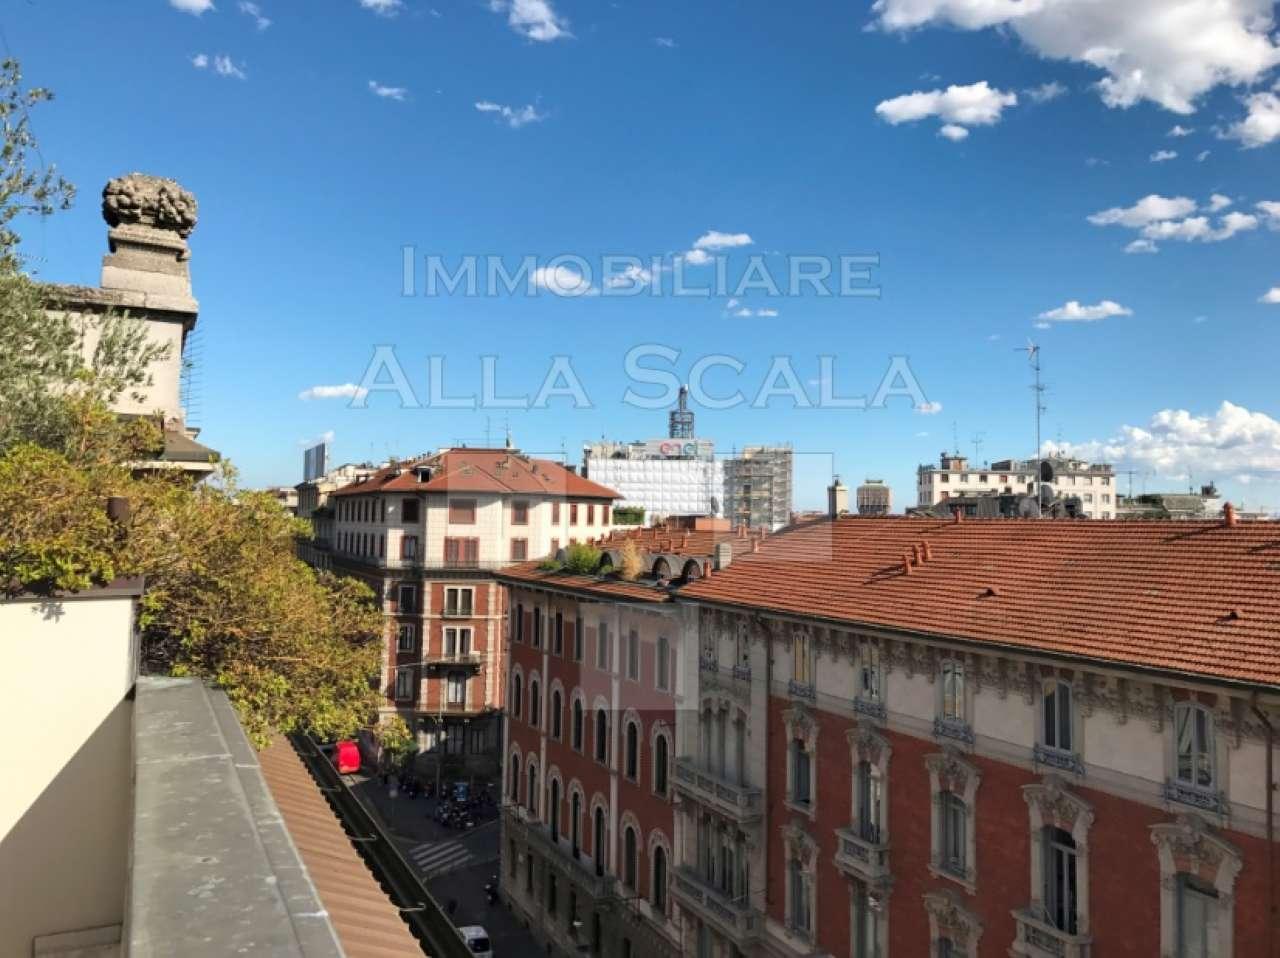 Attico in Vendita a Milano: 5 locali, 275 mq - Foto 2